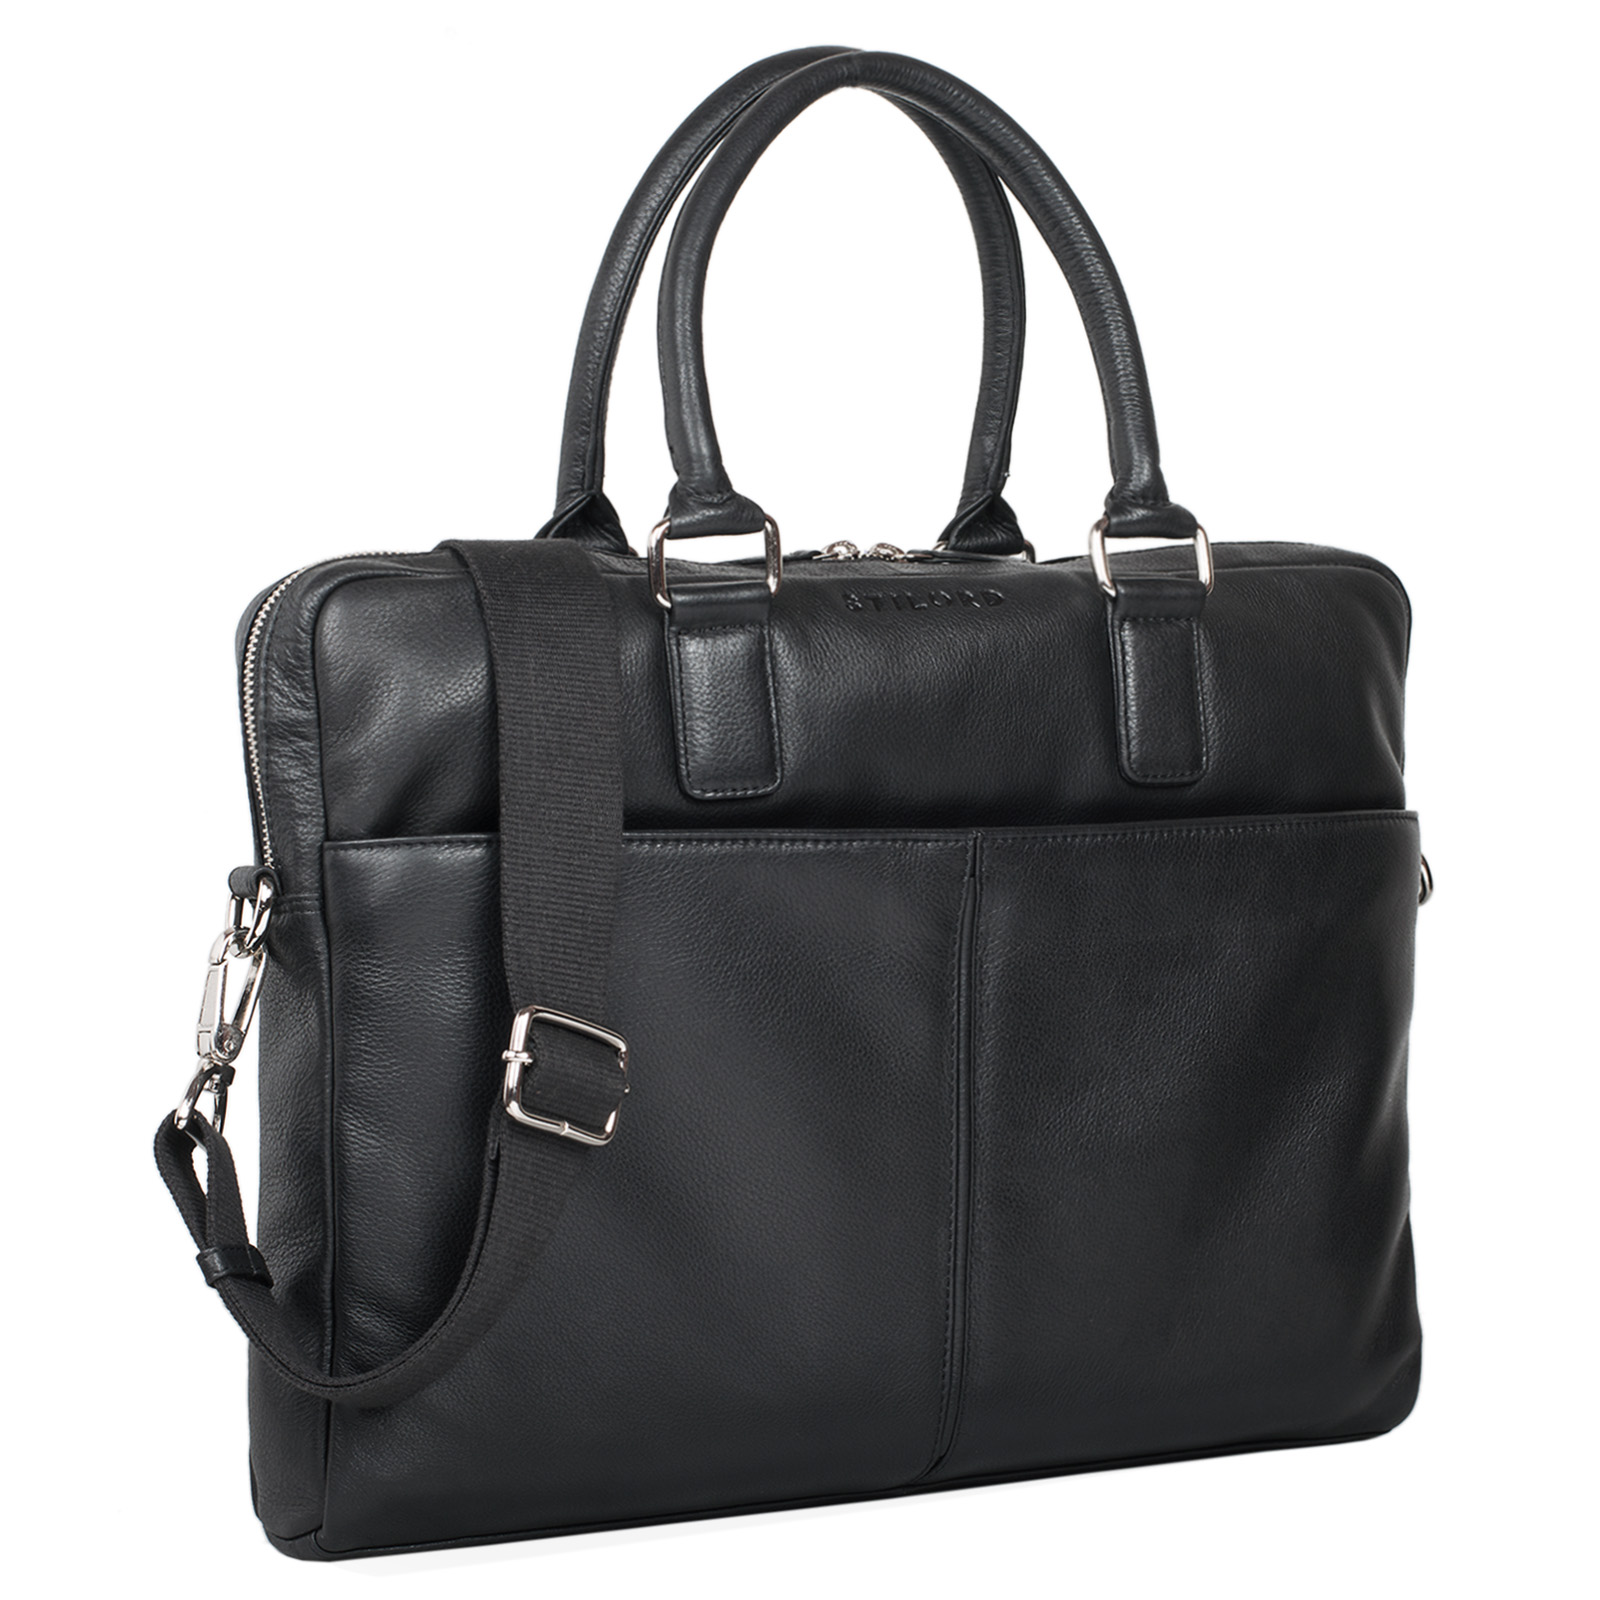 """STILORD """"Emilio"""" Umhängetasche Leder Vintage groß Schultertasche elegante Handtasche für Büro Business Arbeit Laptop 13.3 Zoll Aktentasche DIN A4 - Bild 9"""